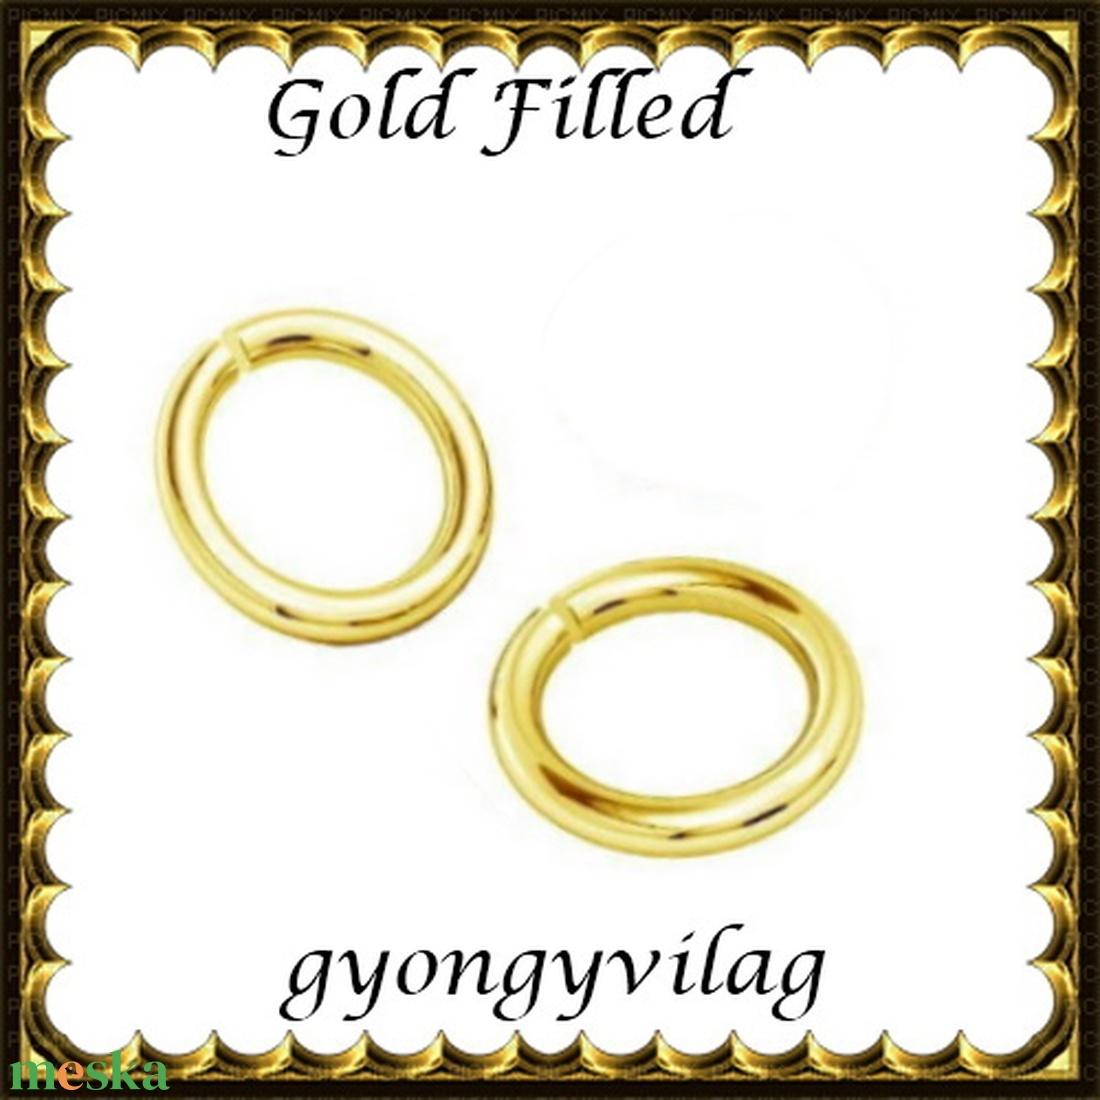 925-ös ezüst karika ESZK NY gold filled 5x0,8  2db/csomag - gyöngy, ékszerkellék - egyéb alkatrész - Meska.hu